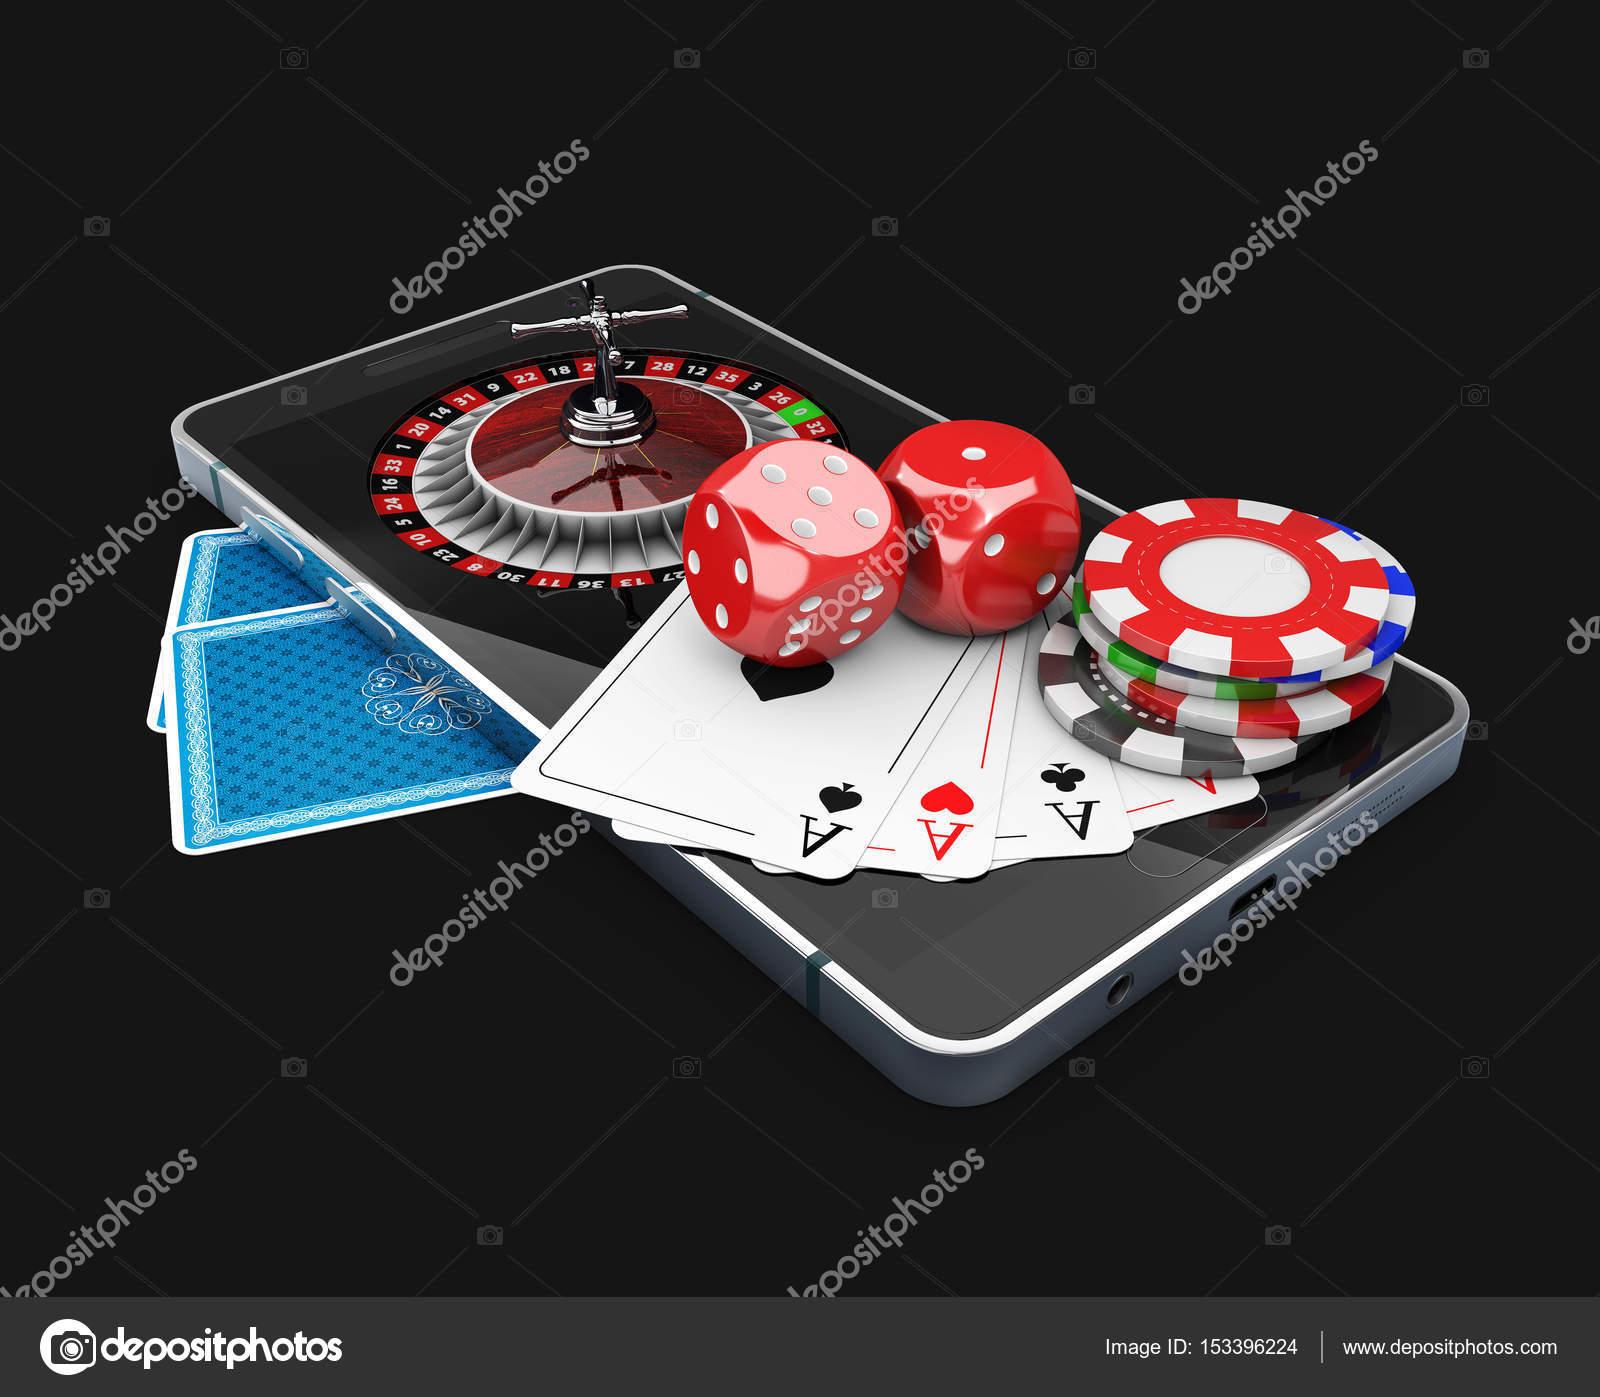 Демо рулетка казино онлайн